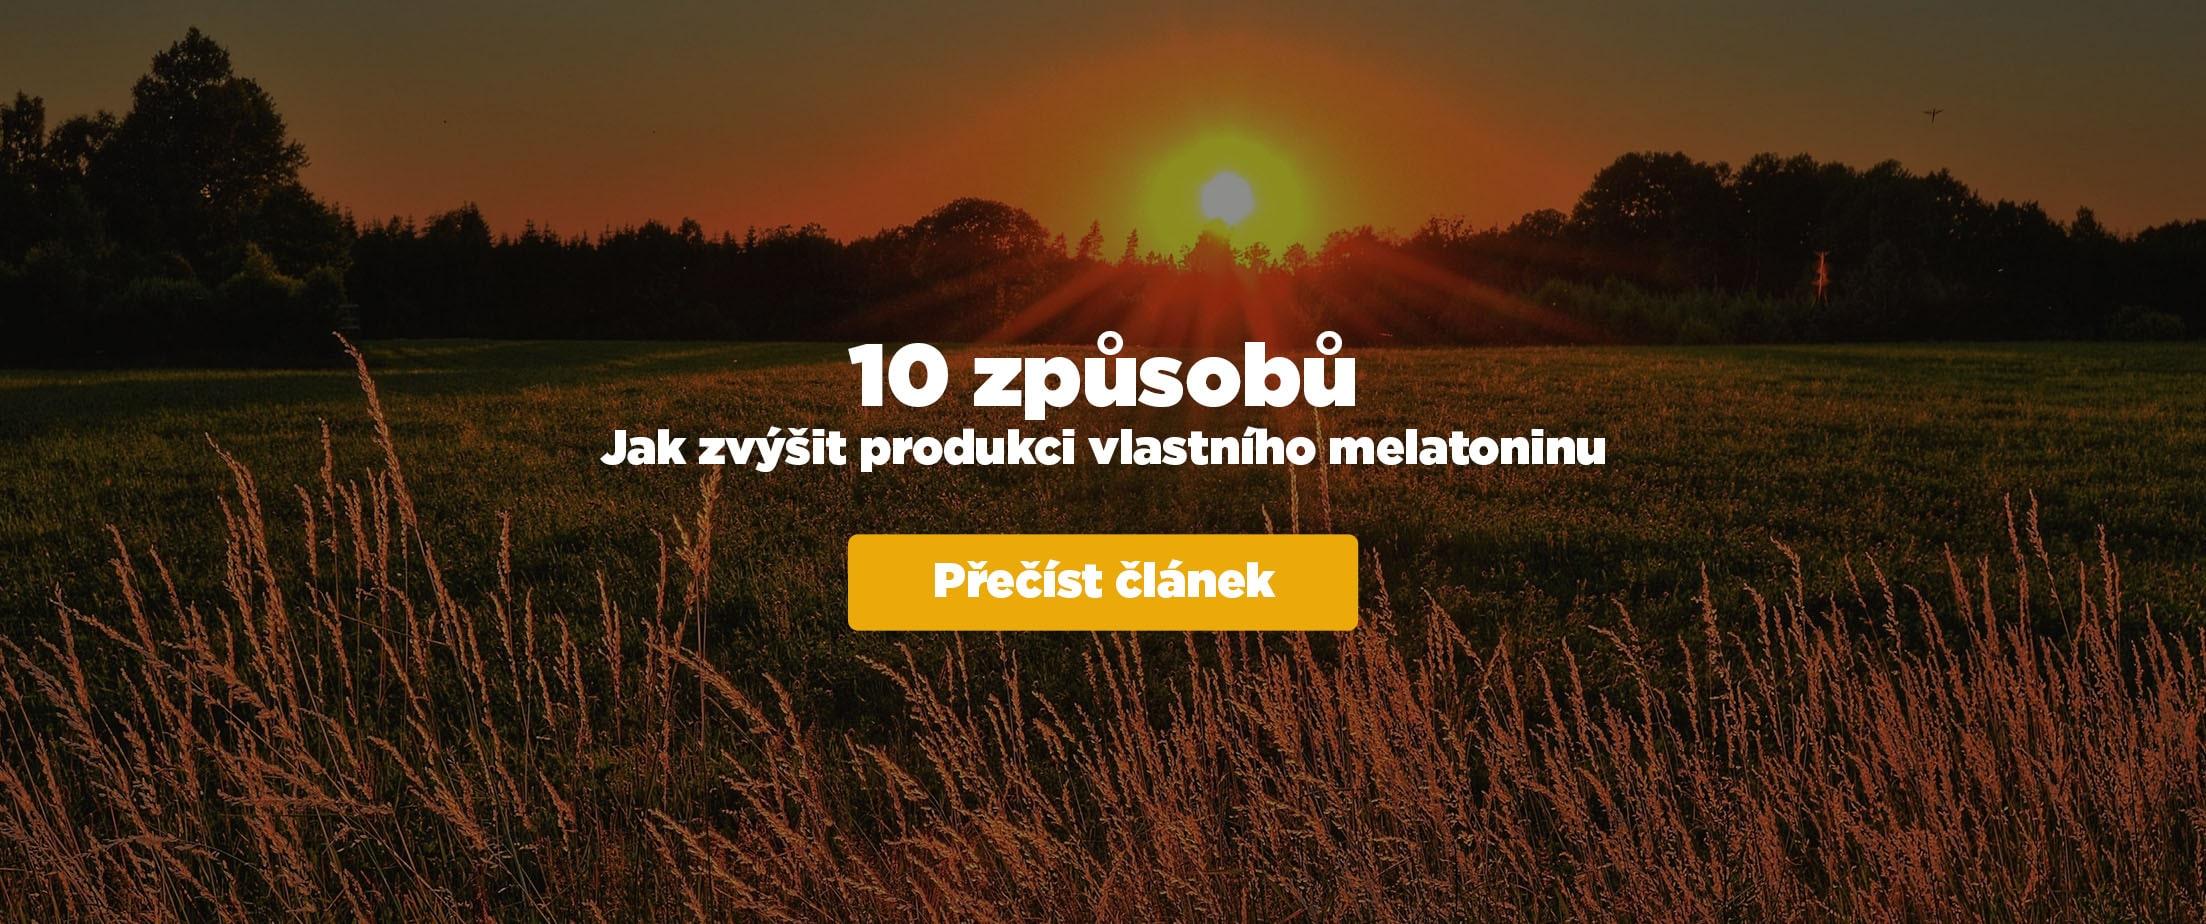 10 zposobov melatonin